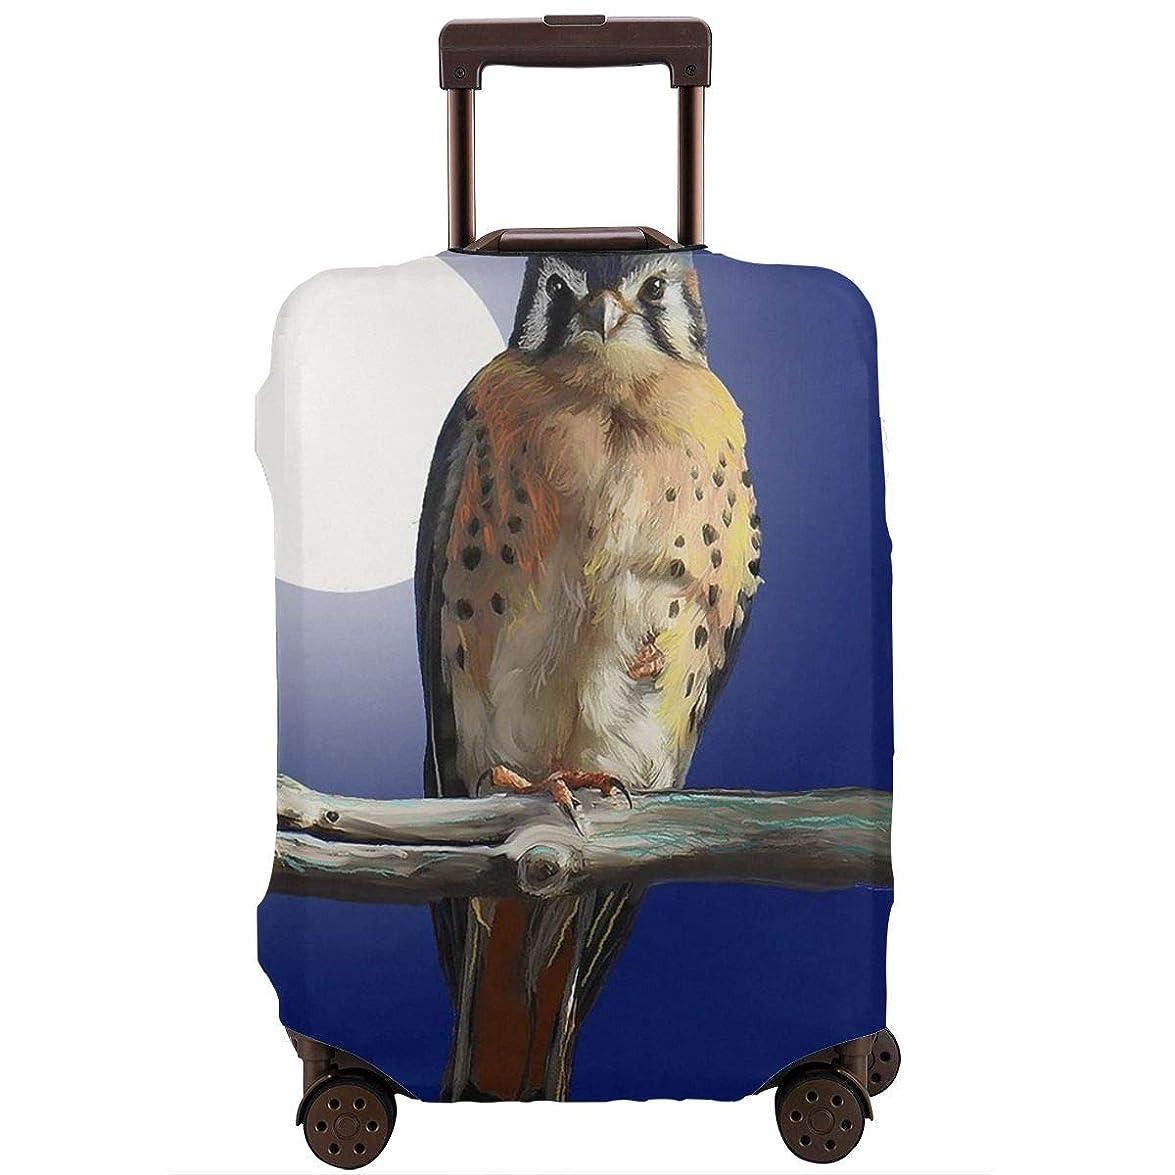 可能性ガード昇るレッドカラー スーツケースカバー ラゲッジカバー キャリーカバー 鳥と月 防塵カバー トランクカバー 旅行用品 トラベルダストカバー